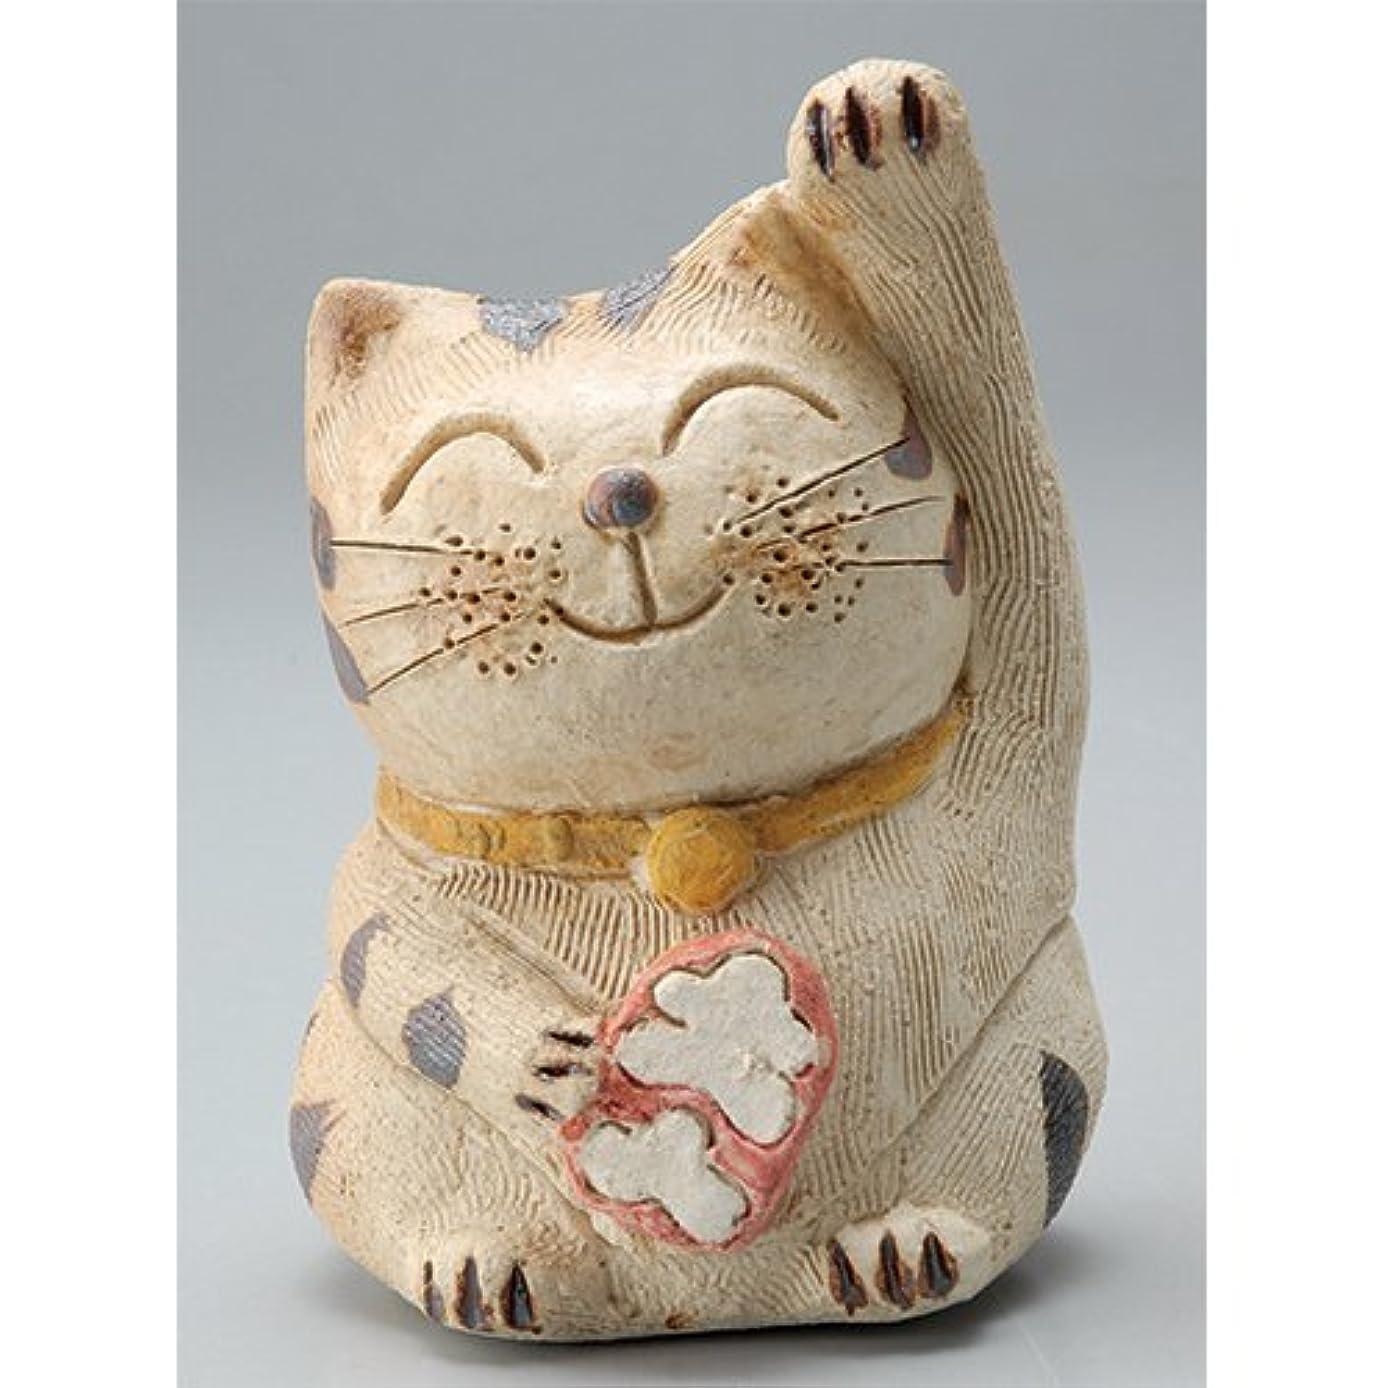 工業用読む遠征香炉 微笑み招き猫(人招き)香炉(小) [H8.5cm] HANDMADE プレゼント ギフト 和食器 かわいい インテリア